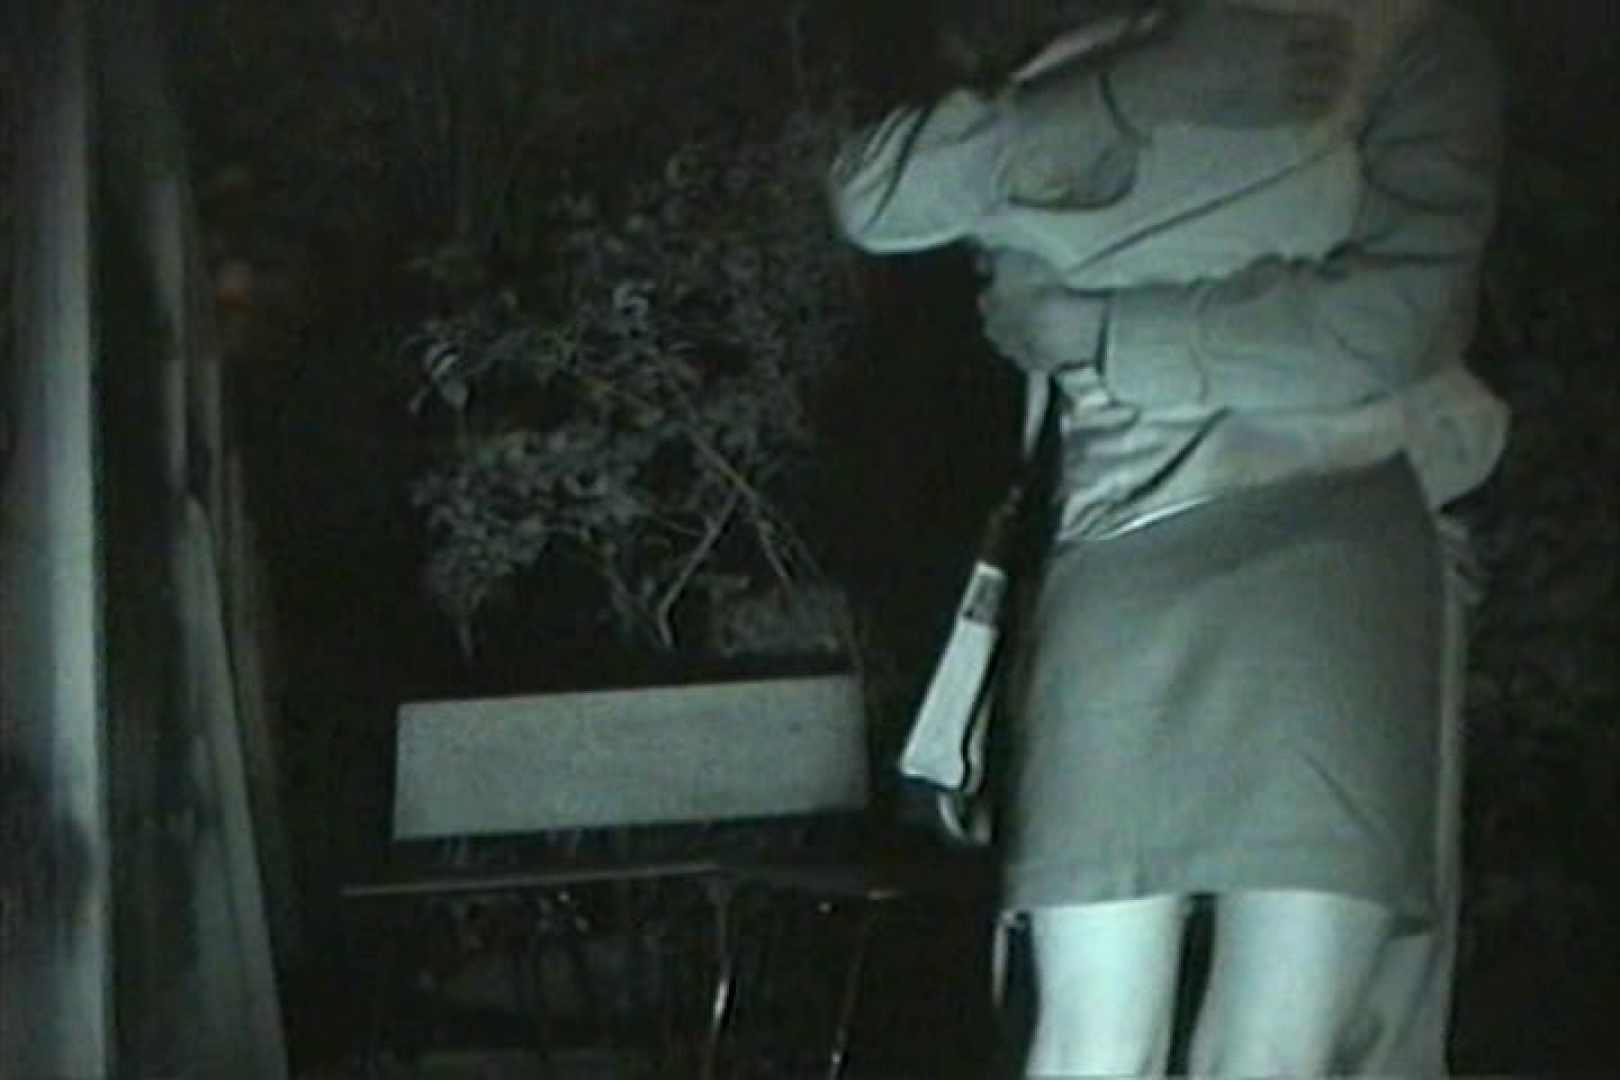 闇の仕掛け人 無修正版 Vol.24 ホテル隠し撮り 隠し撮りオマンコ動画紹介 101pic 58